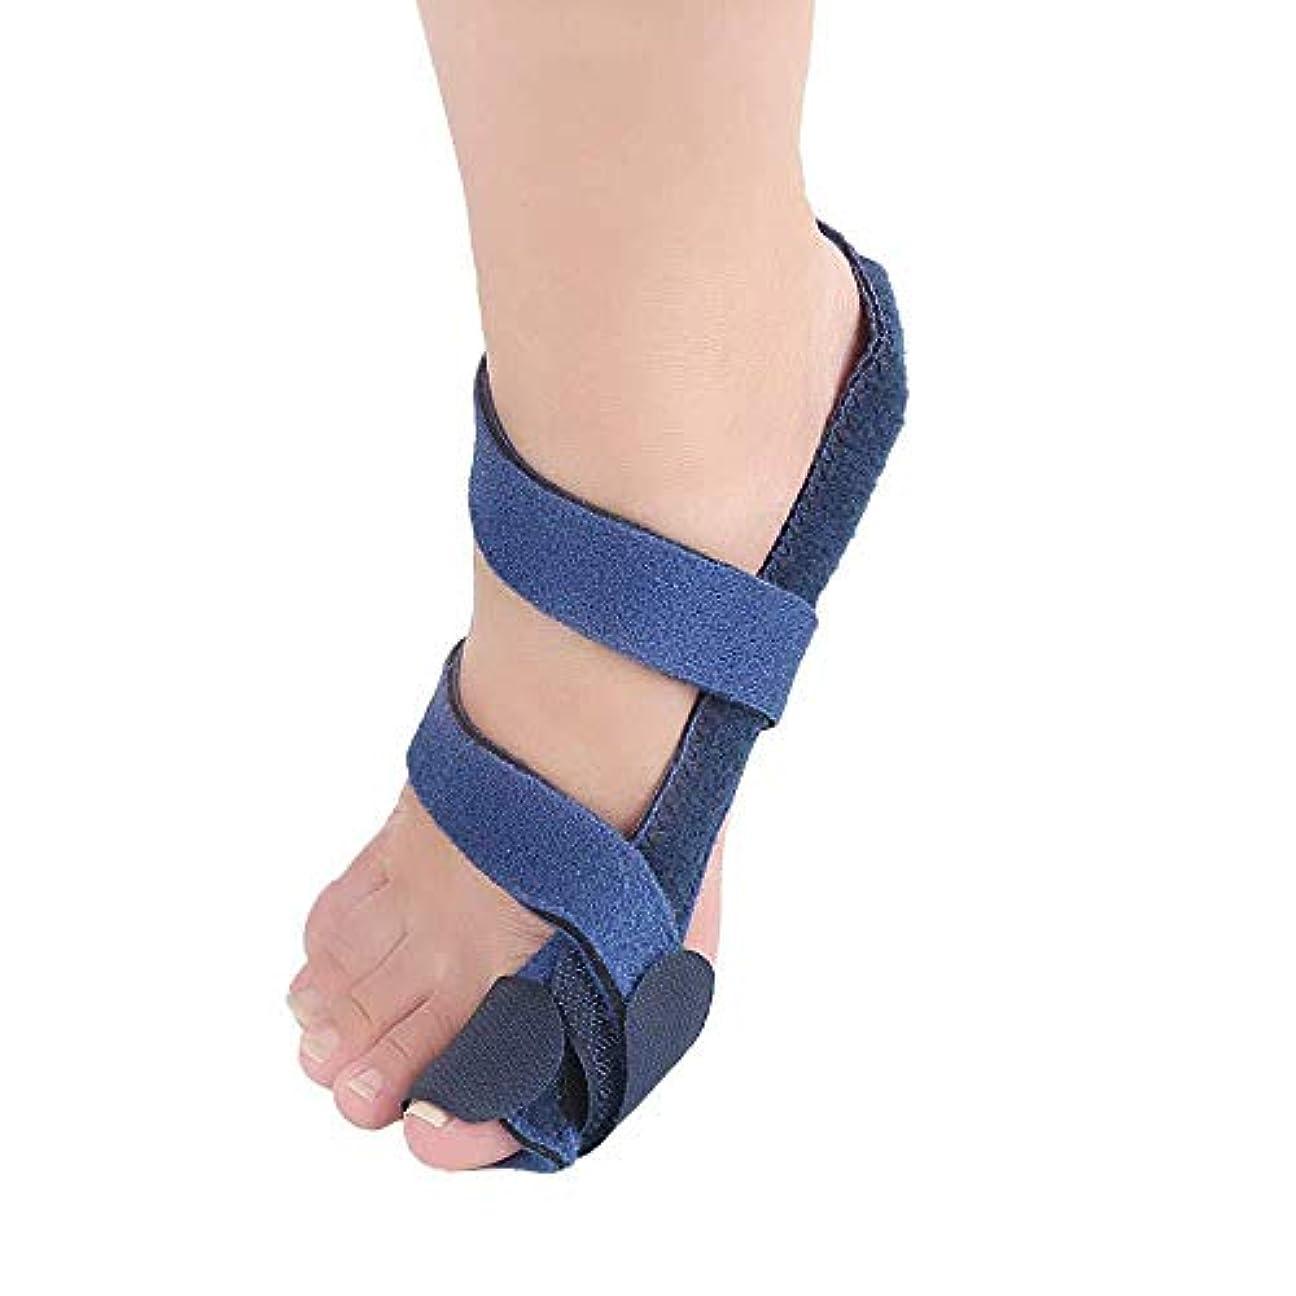 例示する直立憂鬱な外反母Hall装具、オーバーラップハンマーヘッドサポート装具アーチサポートジェルフラット足の痛みの男性と女性,Left Foot